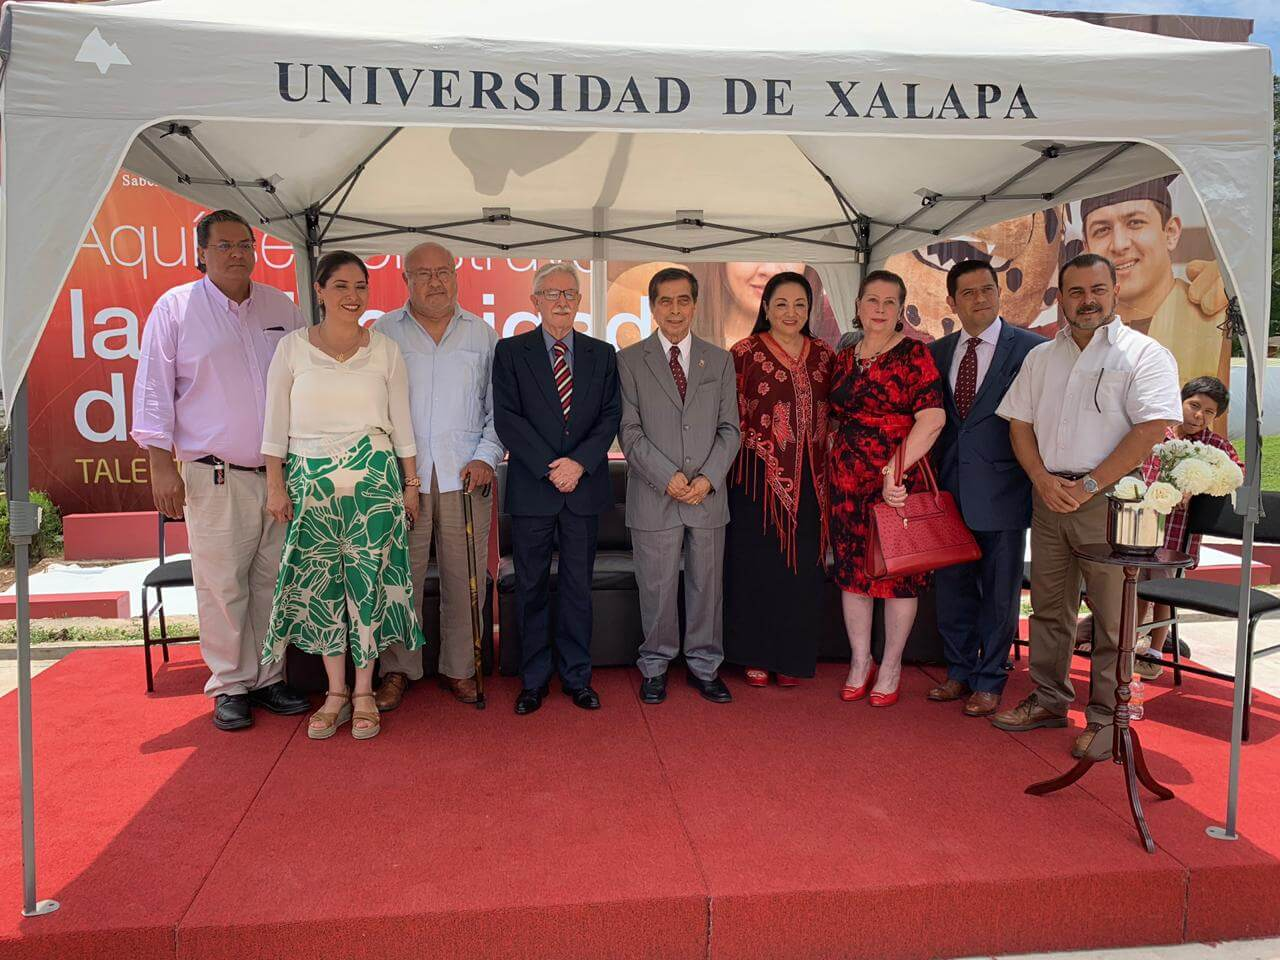 Este miércoles, la Universidad de Xalapa inauguró la ampliación de las instalaciones del Campus Universitario Ánimas.